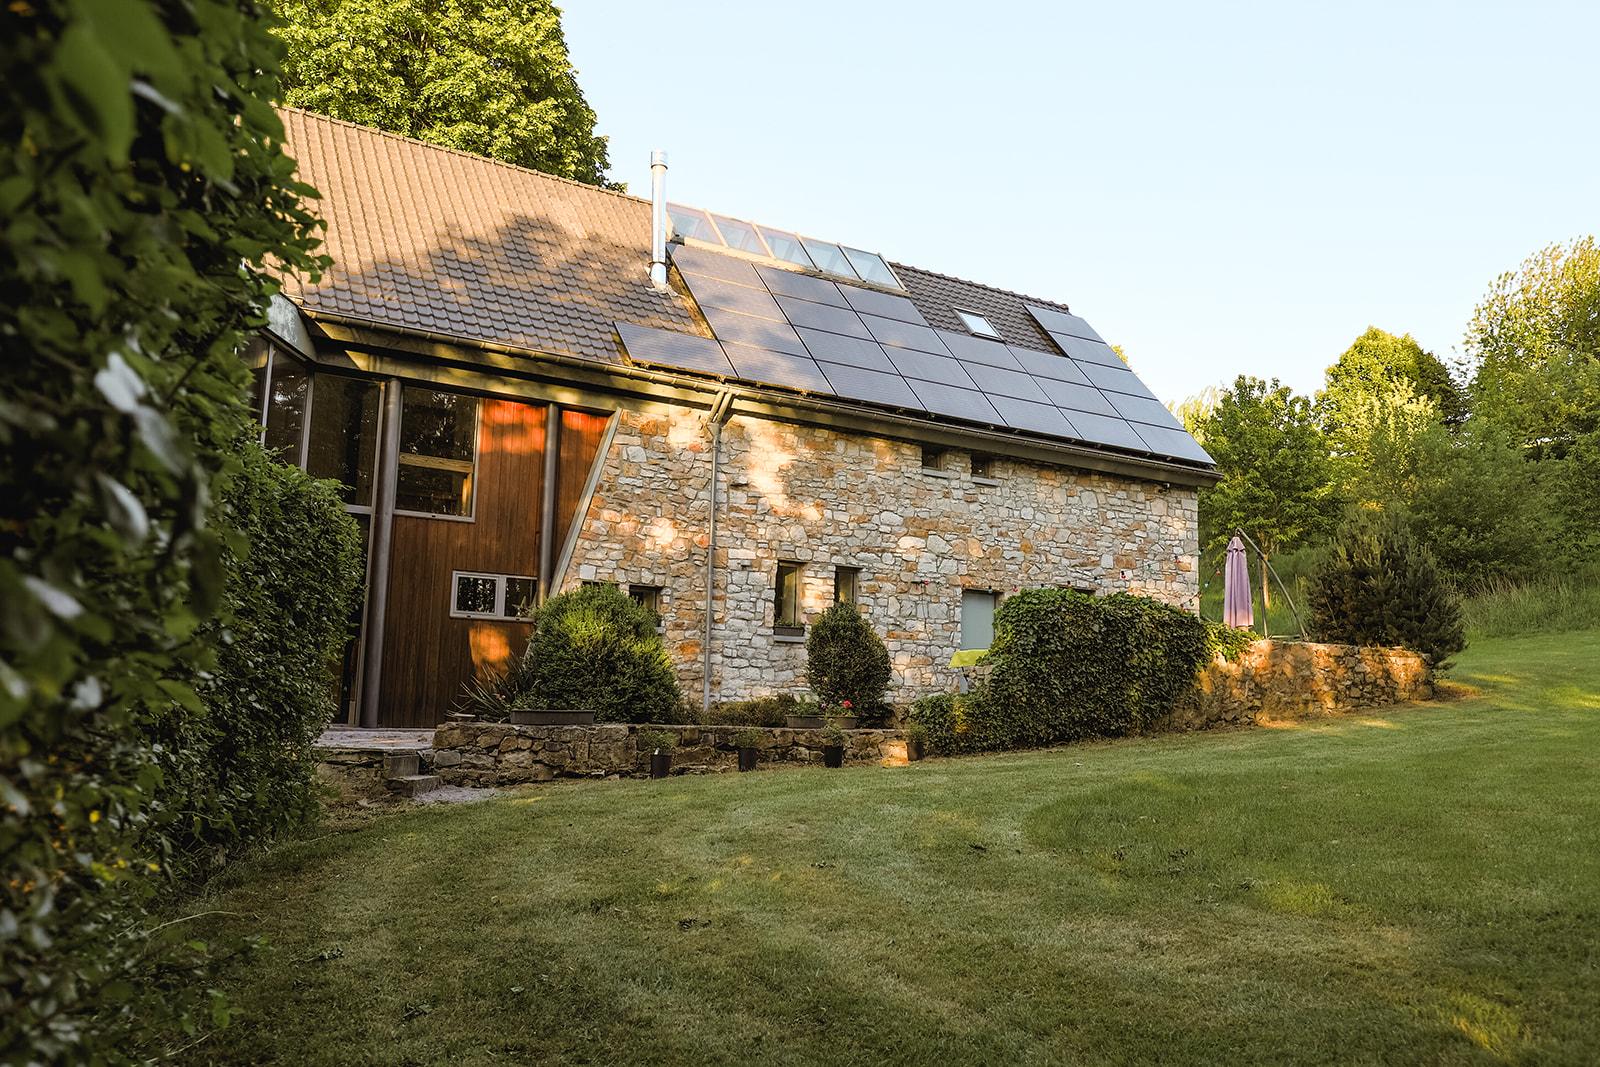 Photo de la maison vue de l'arrière